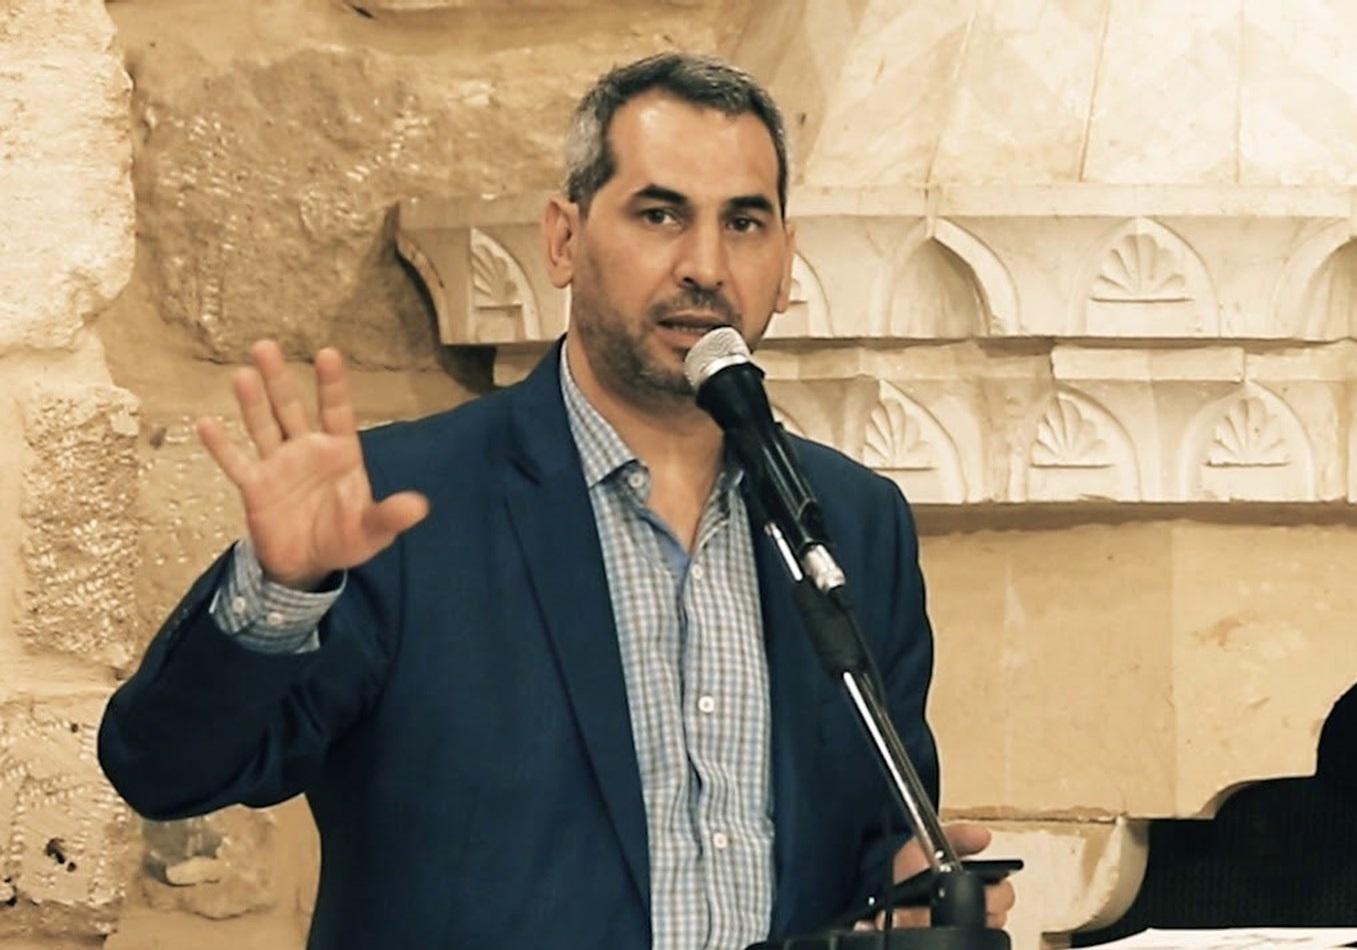 پاسخ دندانشکن نماینده لبنان به عربستان در کنفرانس اتحادیه مجالس سازمان همکاری اسلامی